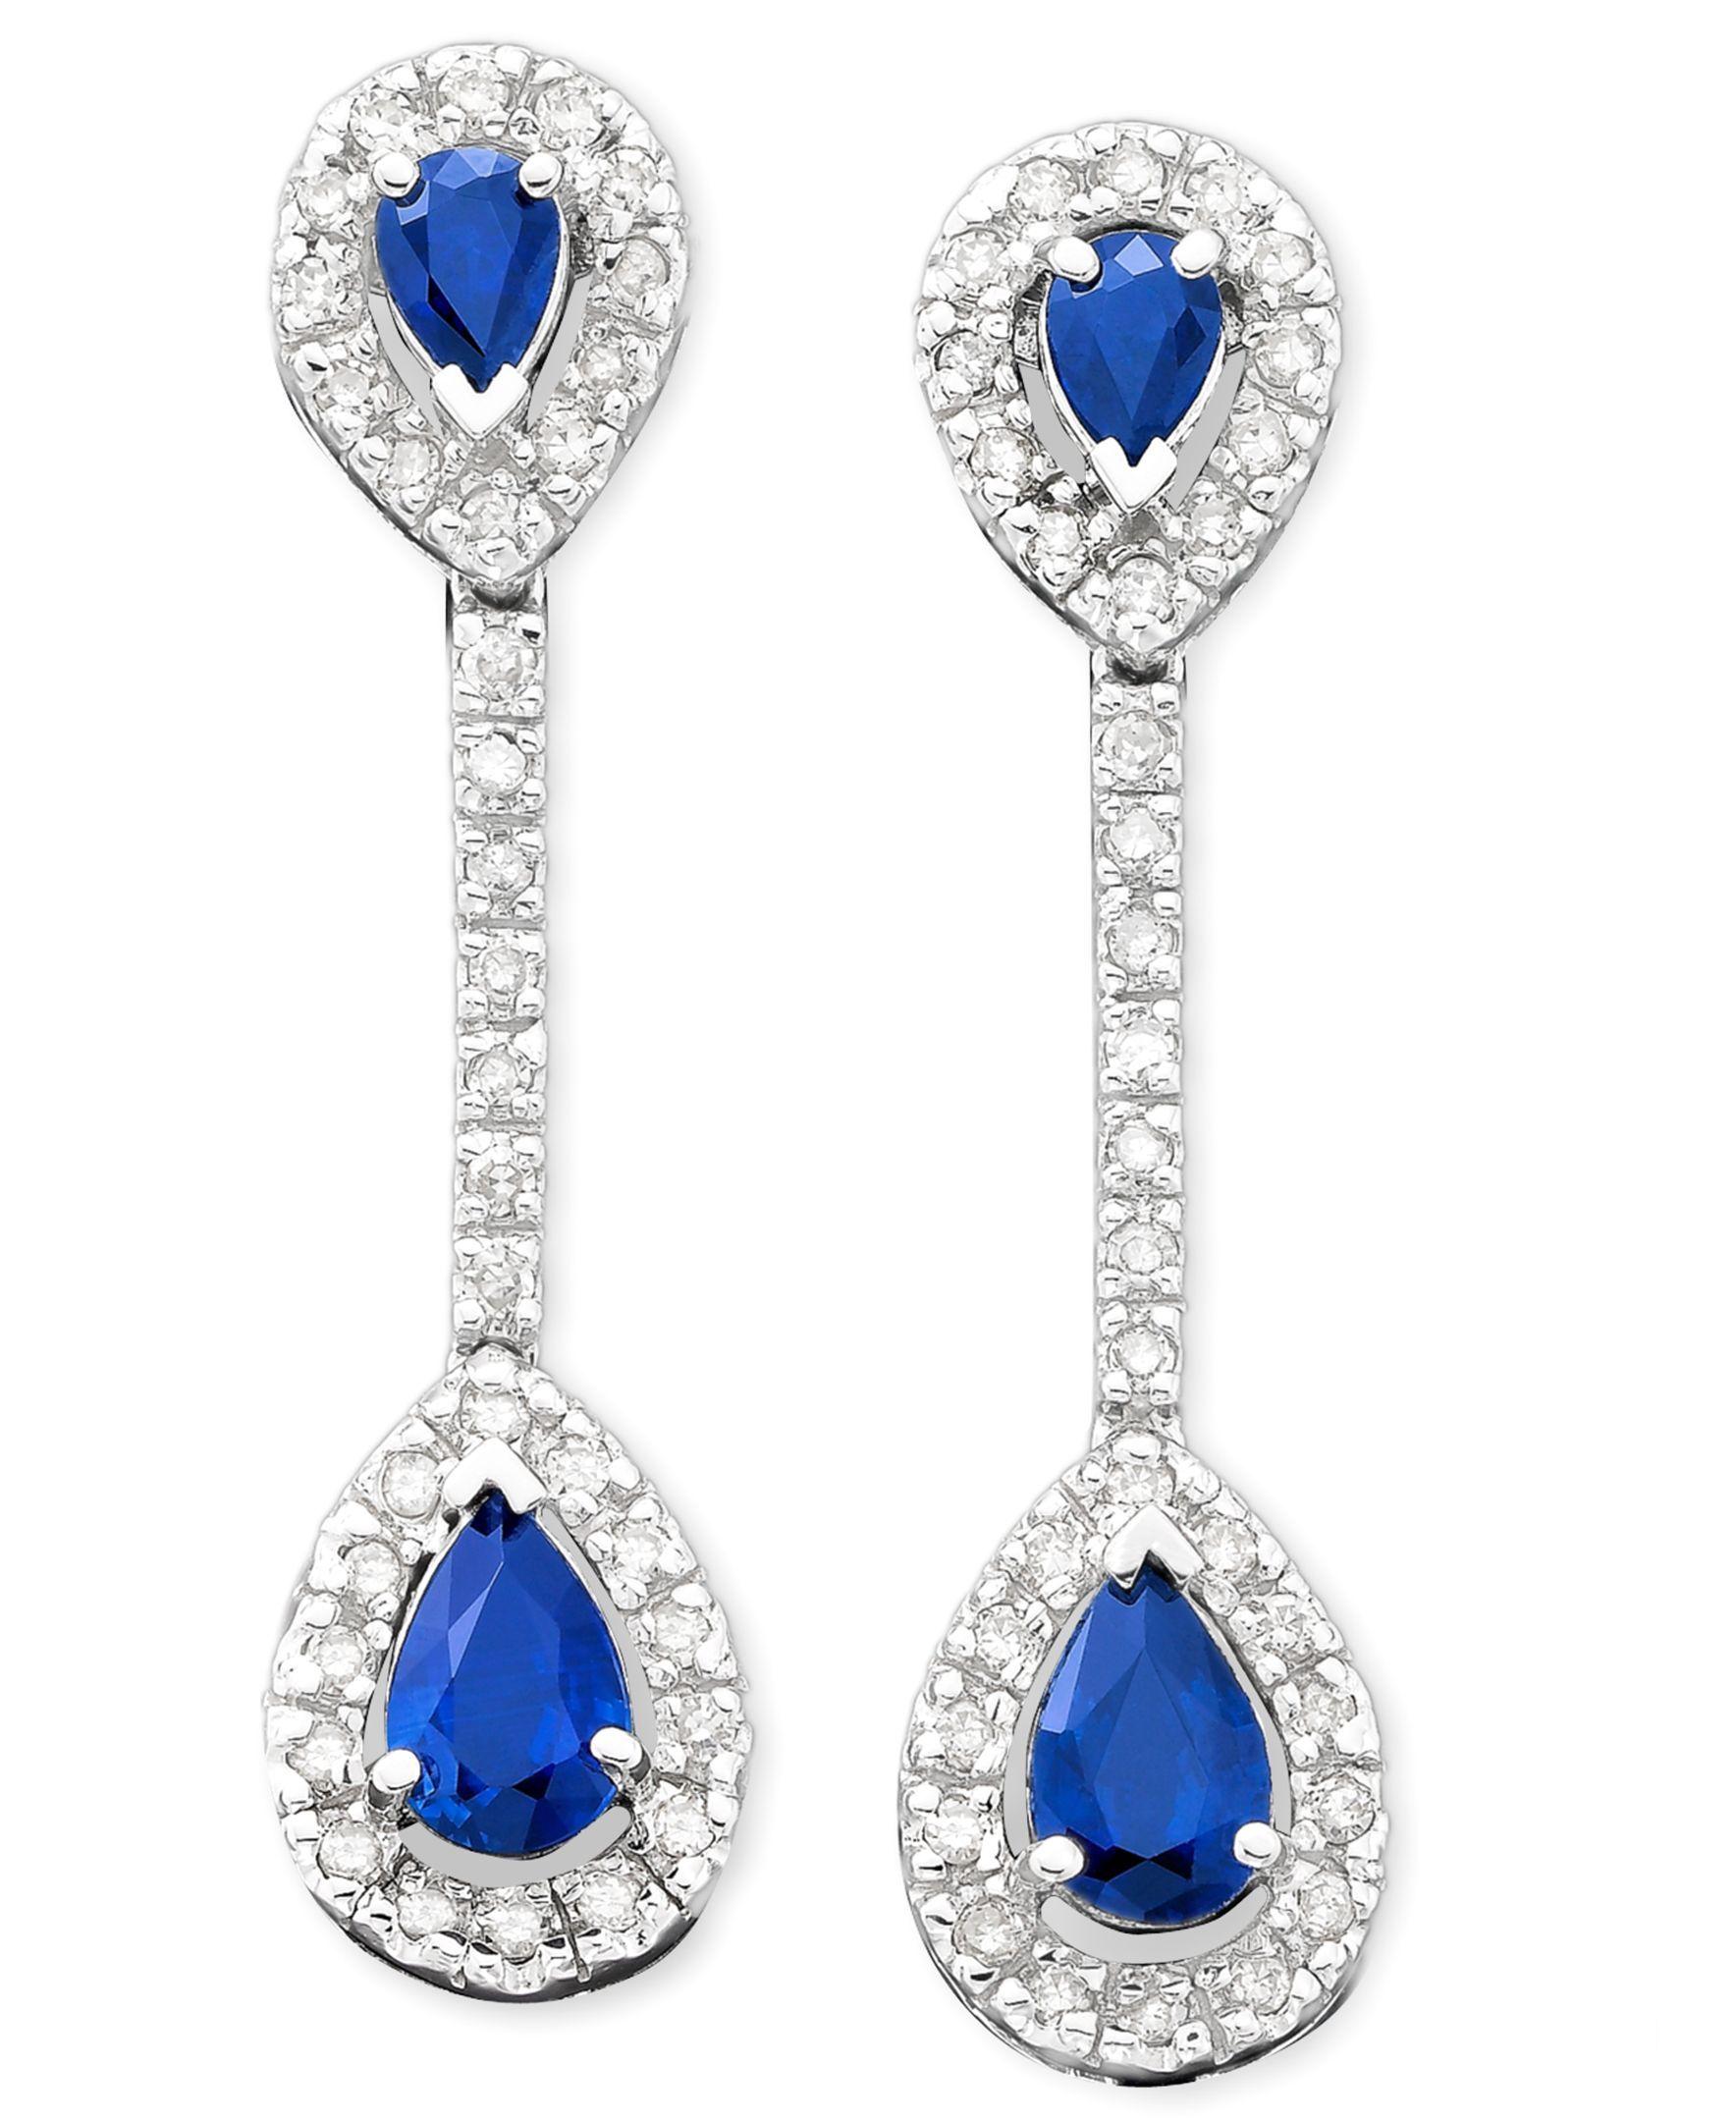 14k White Gold Sapphire (9/10 ct. t.w.) & Diamond (1/3 ct. t.w.) Drop Earrings